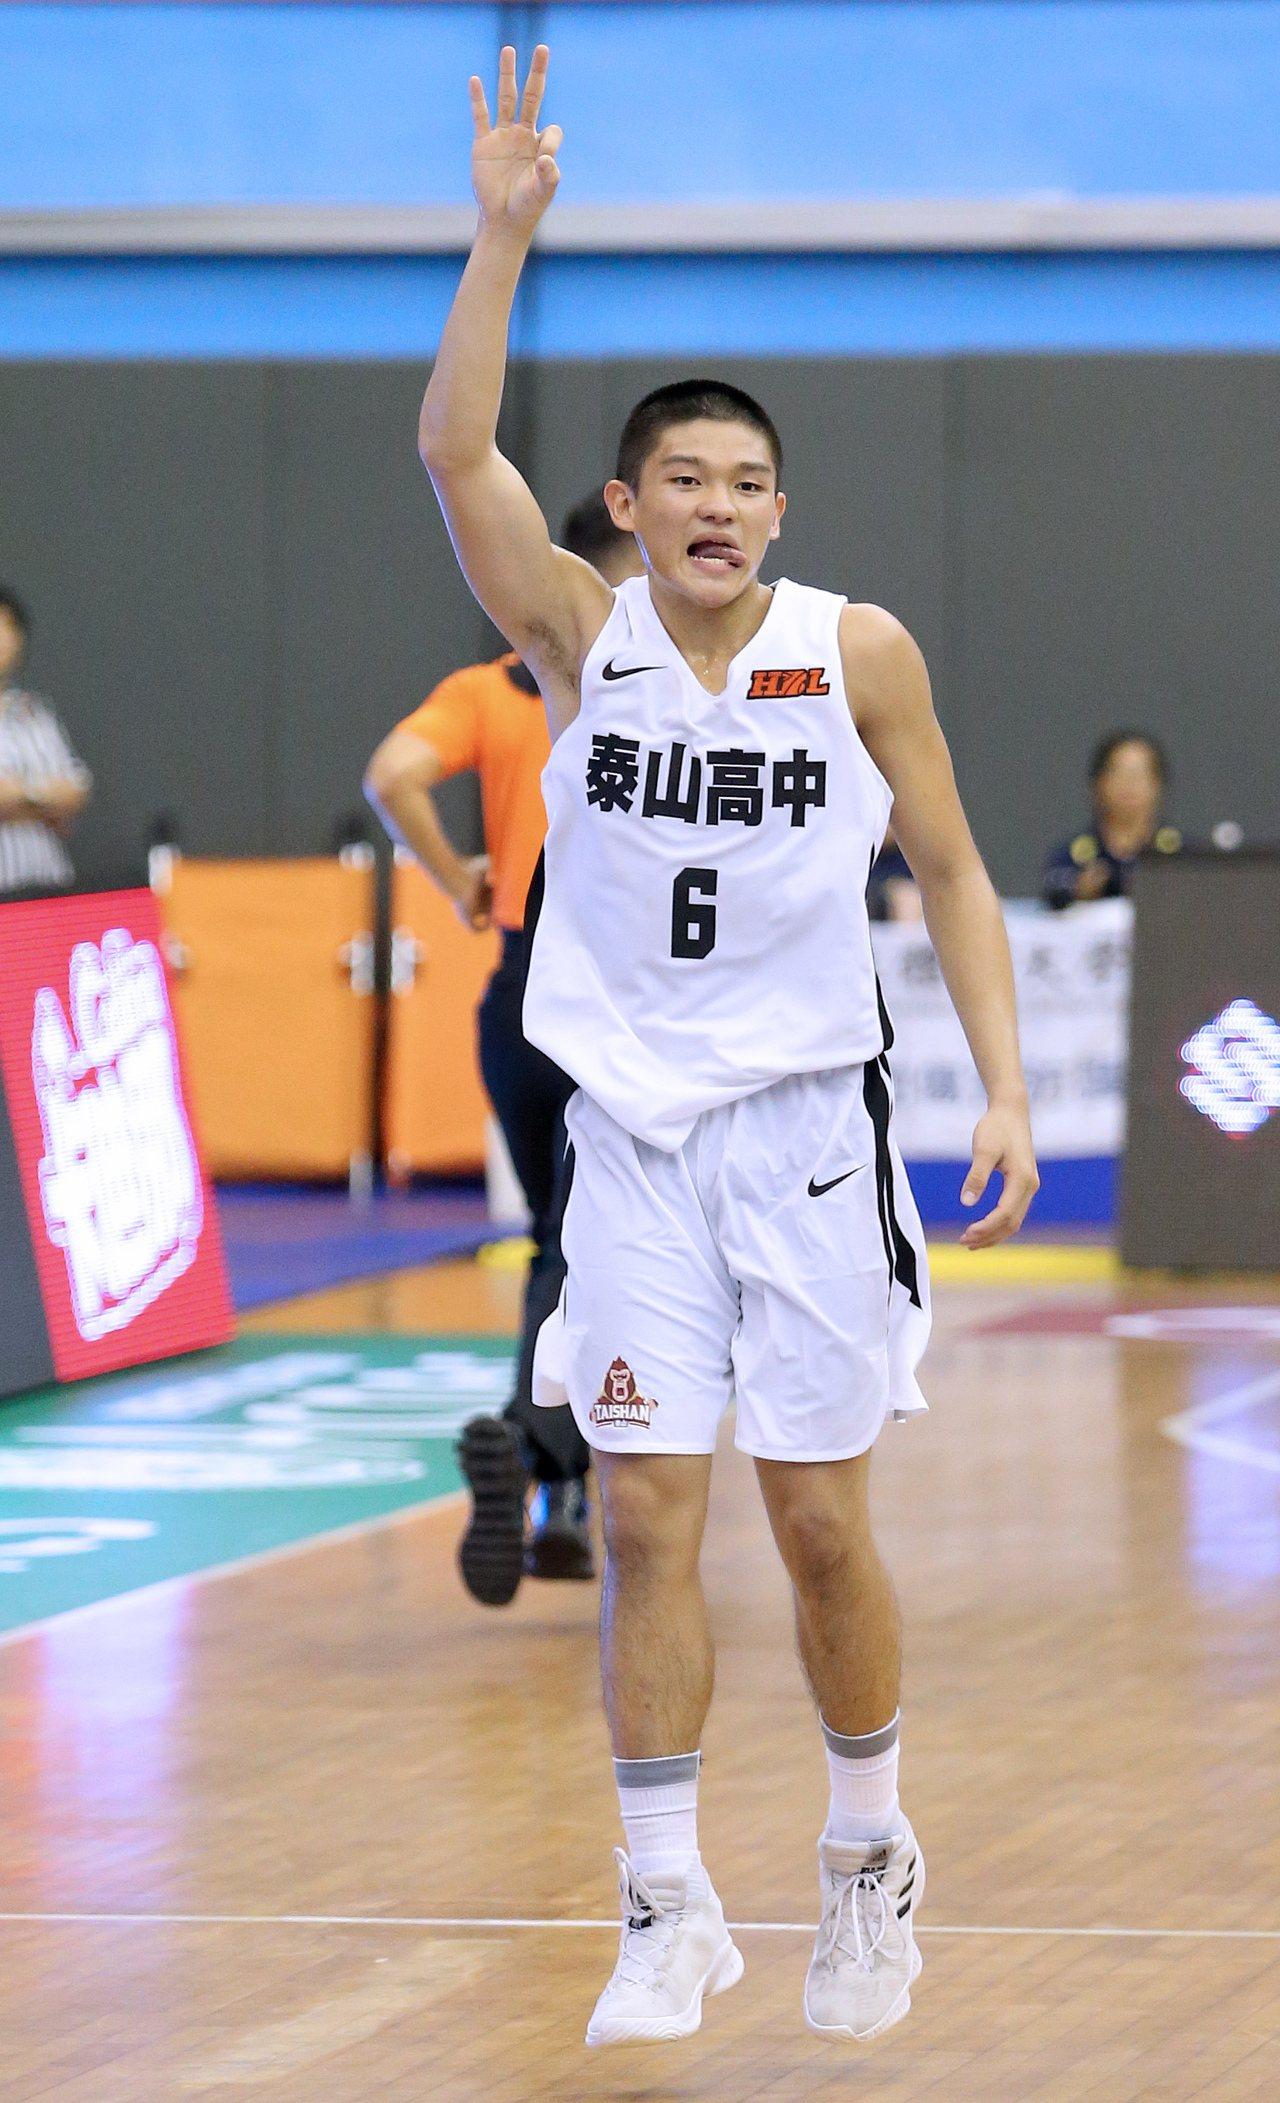 HBL108學年預賽,泰山高中徐宏瑋投進三分球後比出慶祝手勢。 記者余承翰/攝影